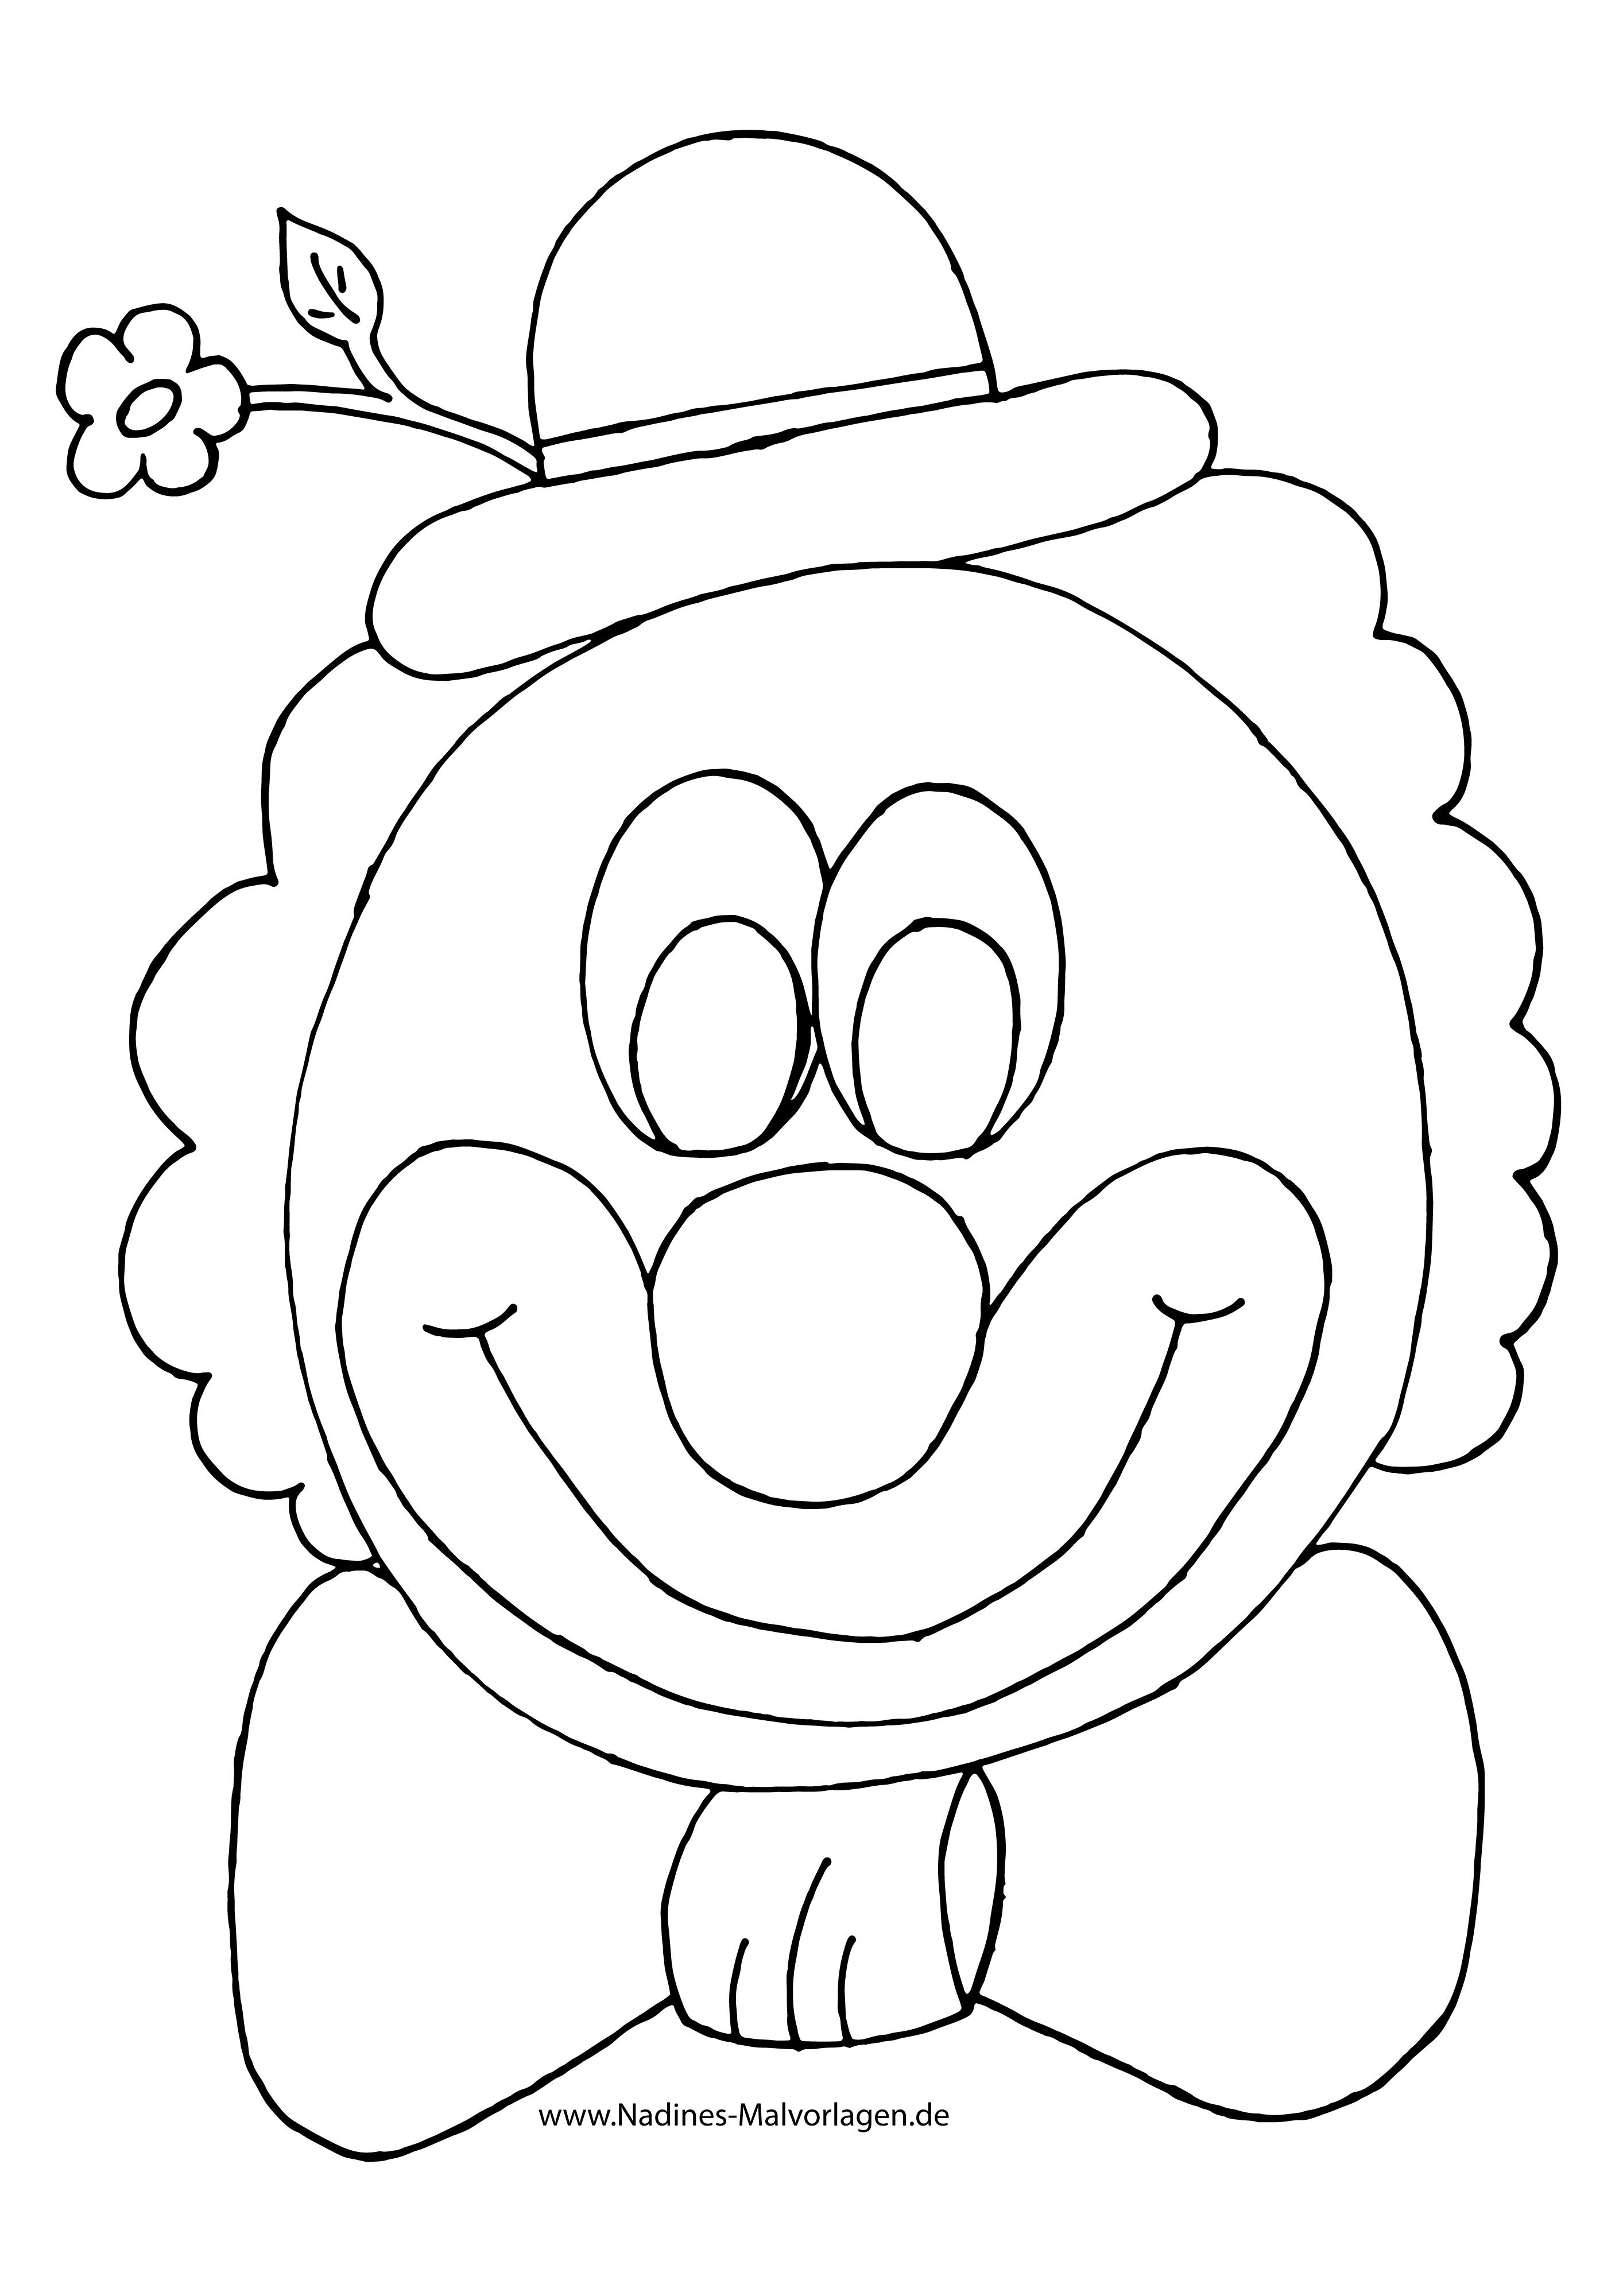 Bunter Clown mit Blume am Hut mit Fliege